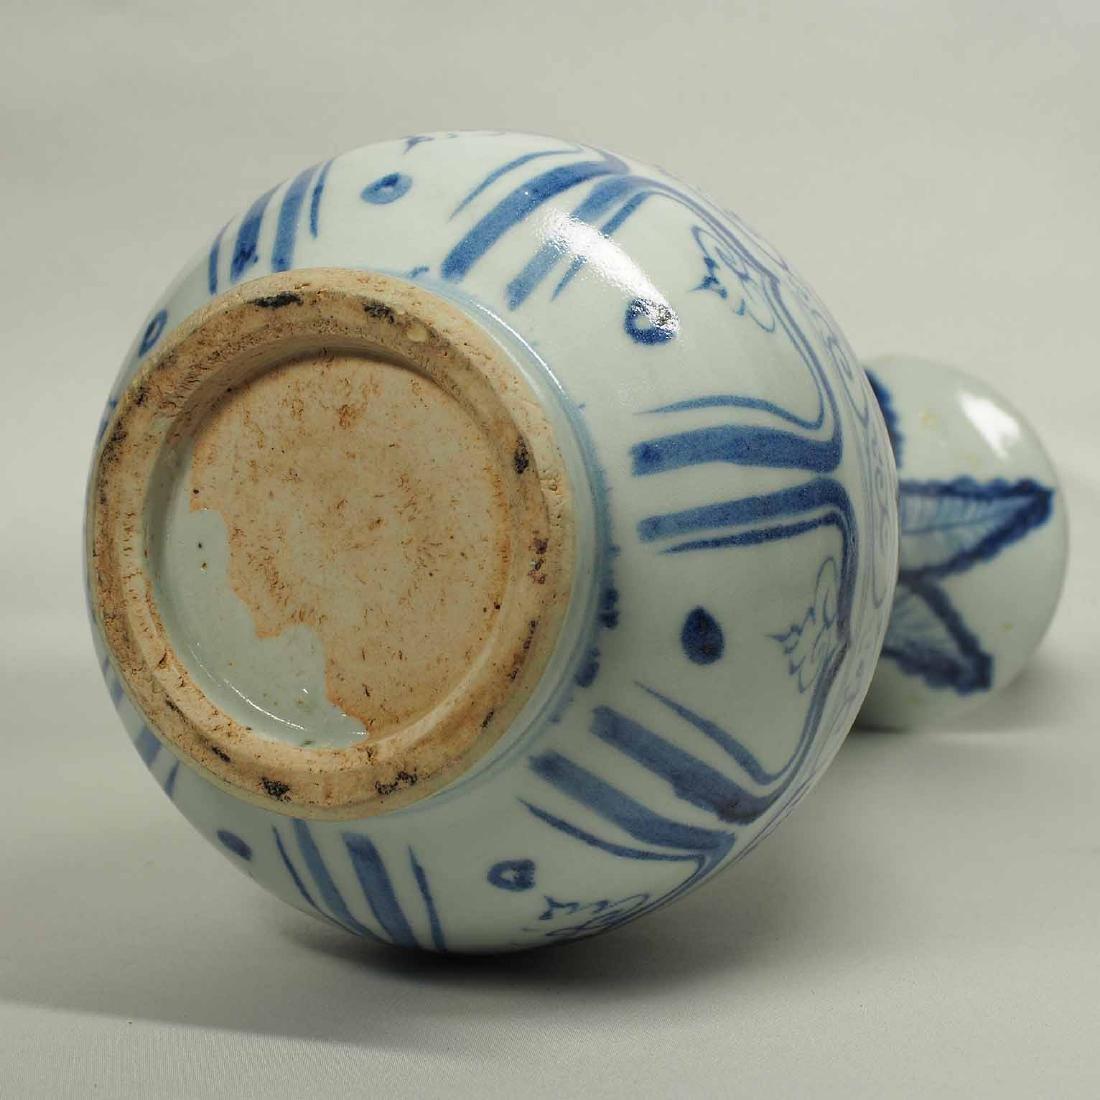 Yuhuchun Vase with Mandarin Ducks, Yuan Dynasty - 8